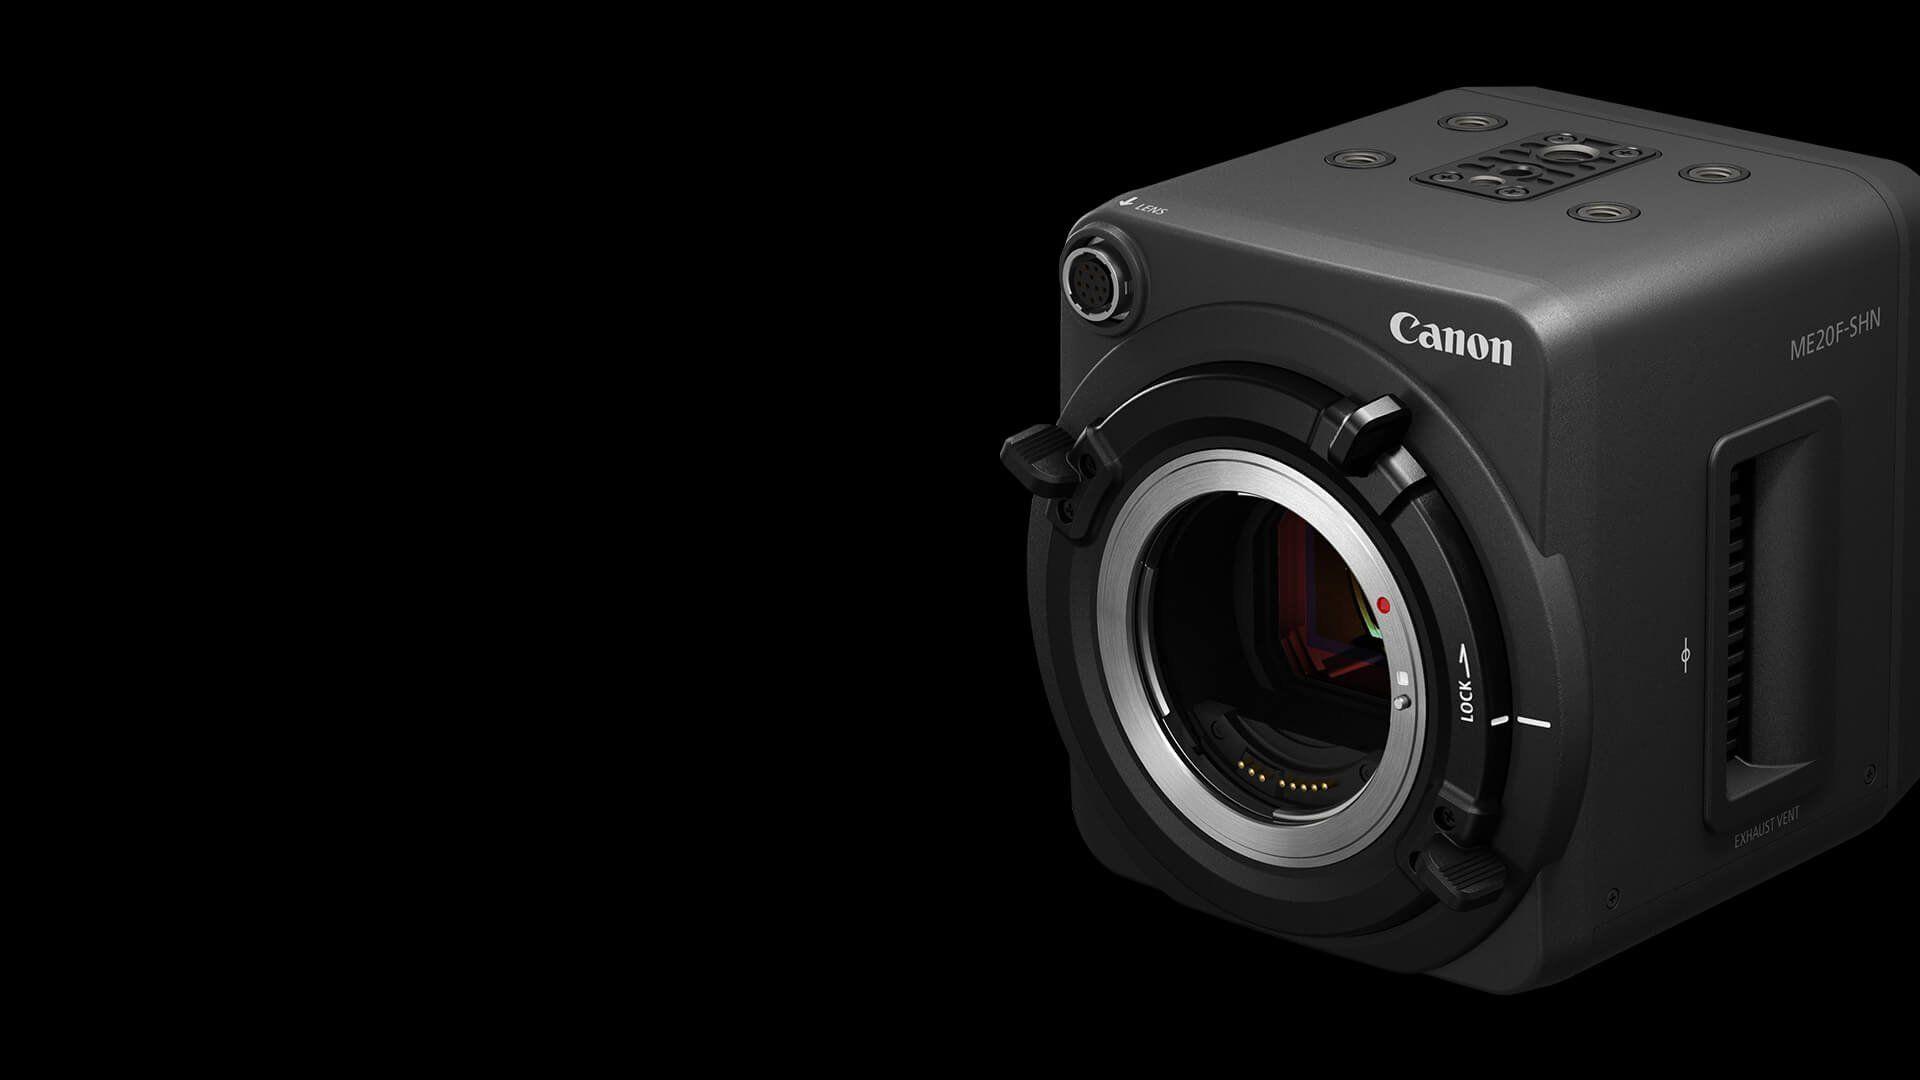 Cámara de red multifunción ME20F-SHN de Canon - Camcorders - Canon ...